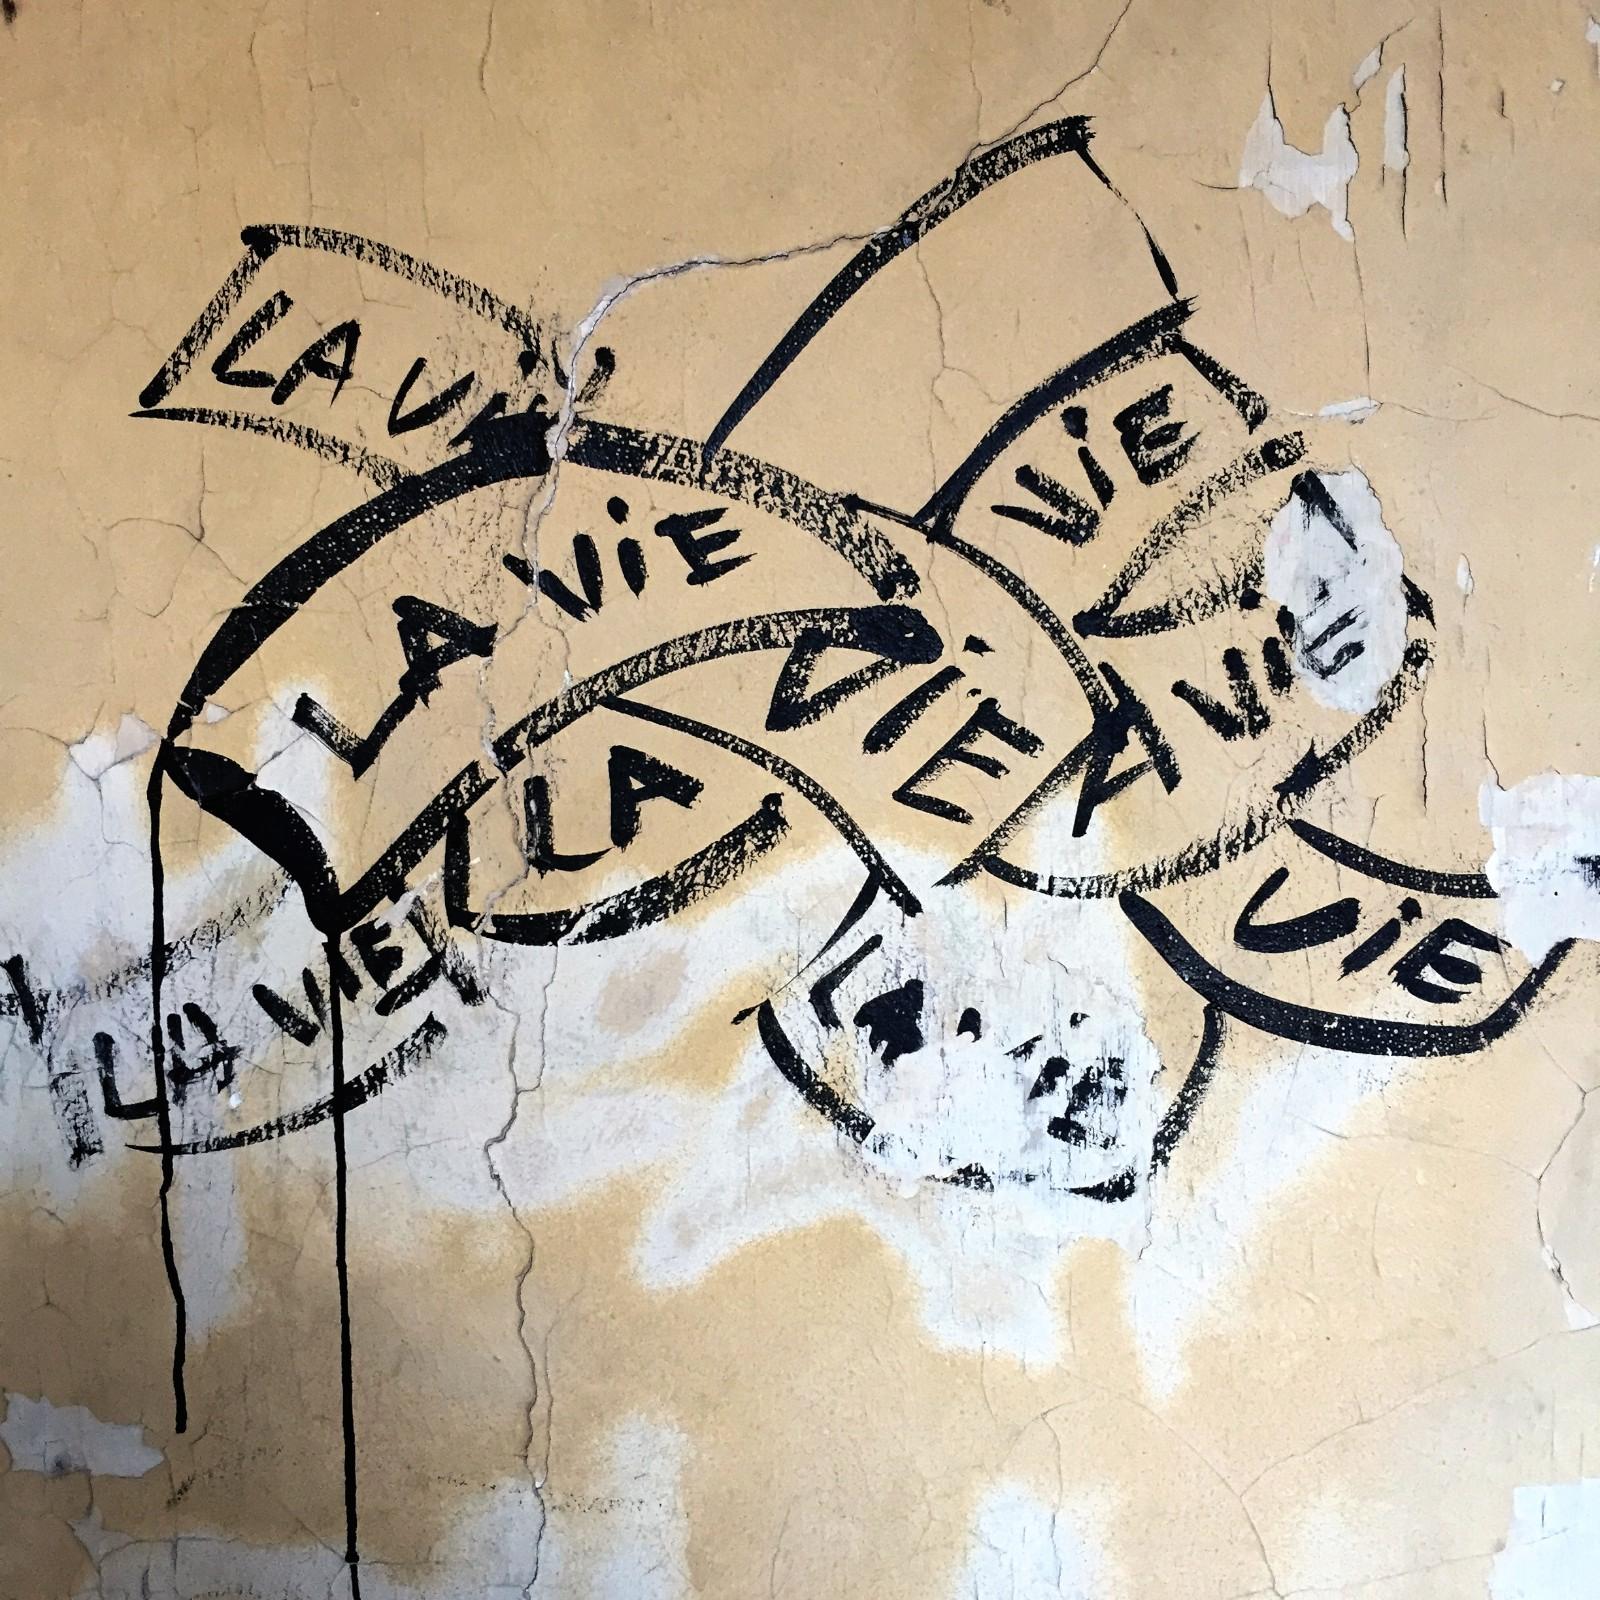 Paris_Street Art La Vie Marker